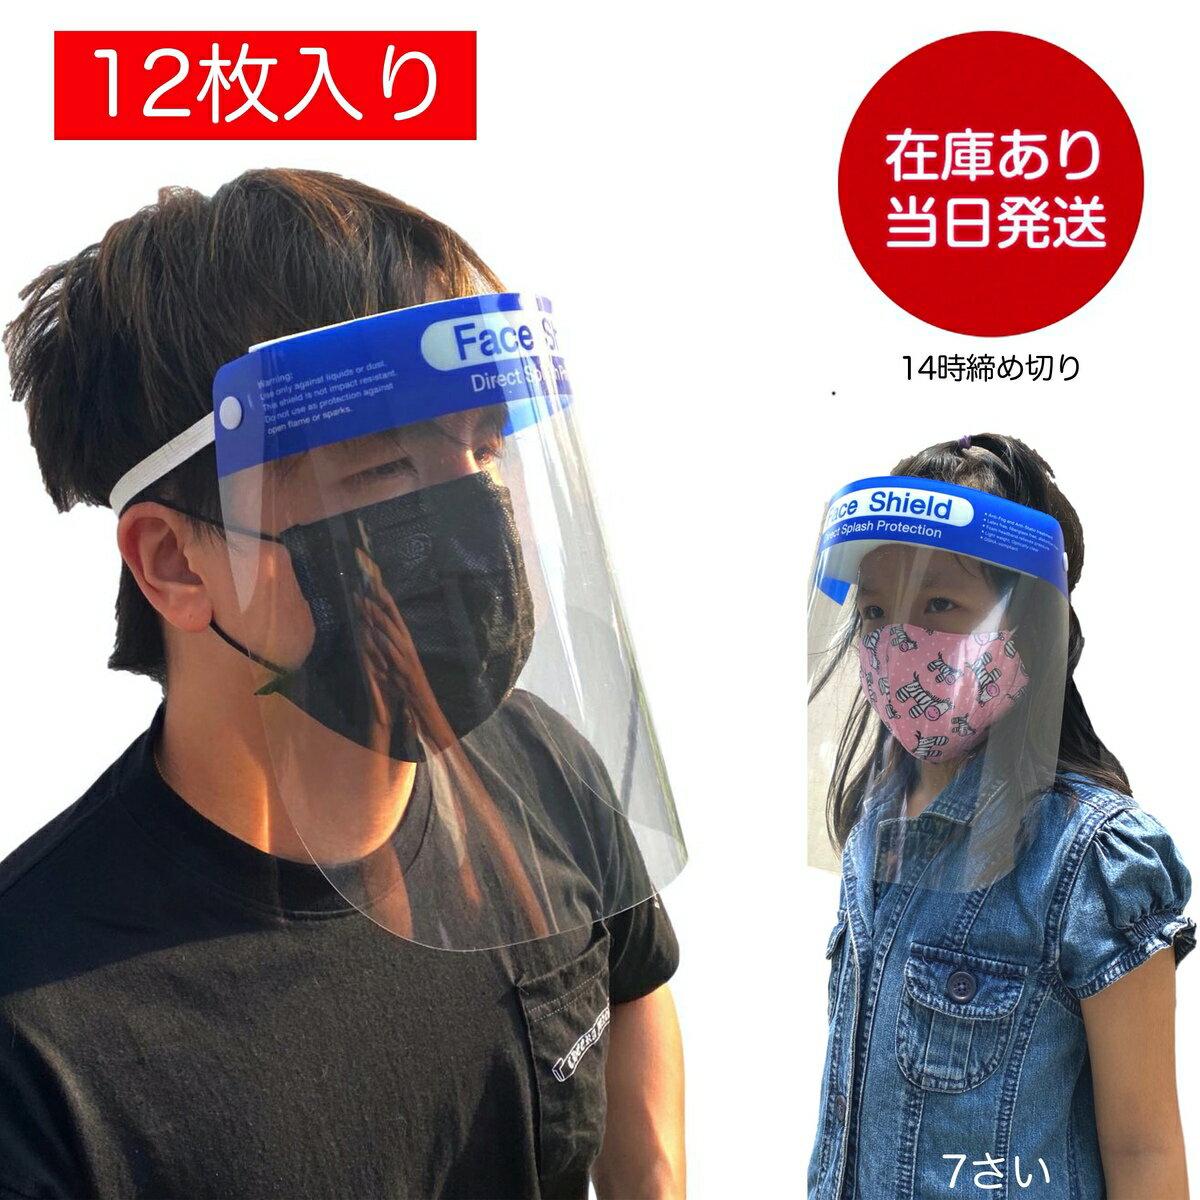 マスク 入荷 ゲンキー